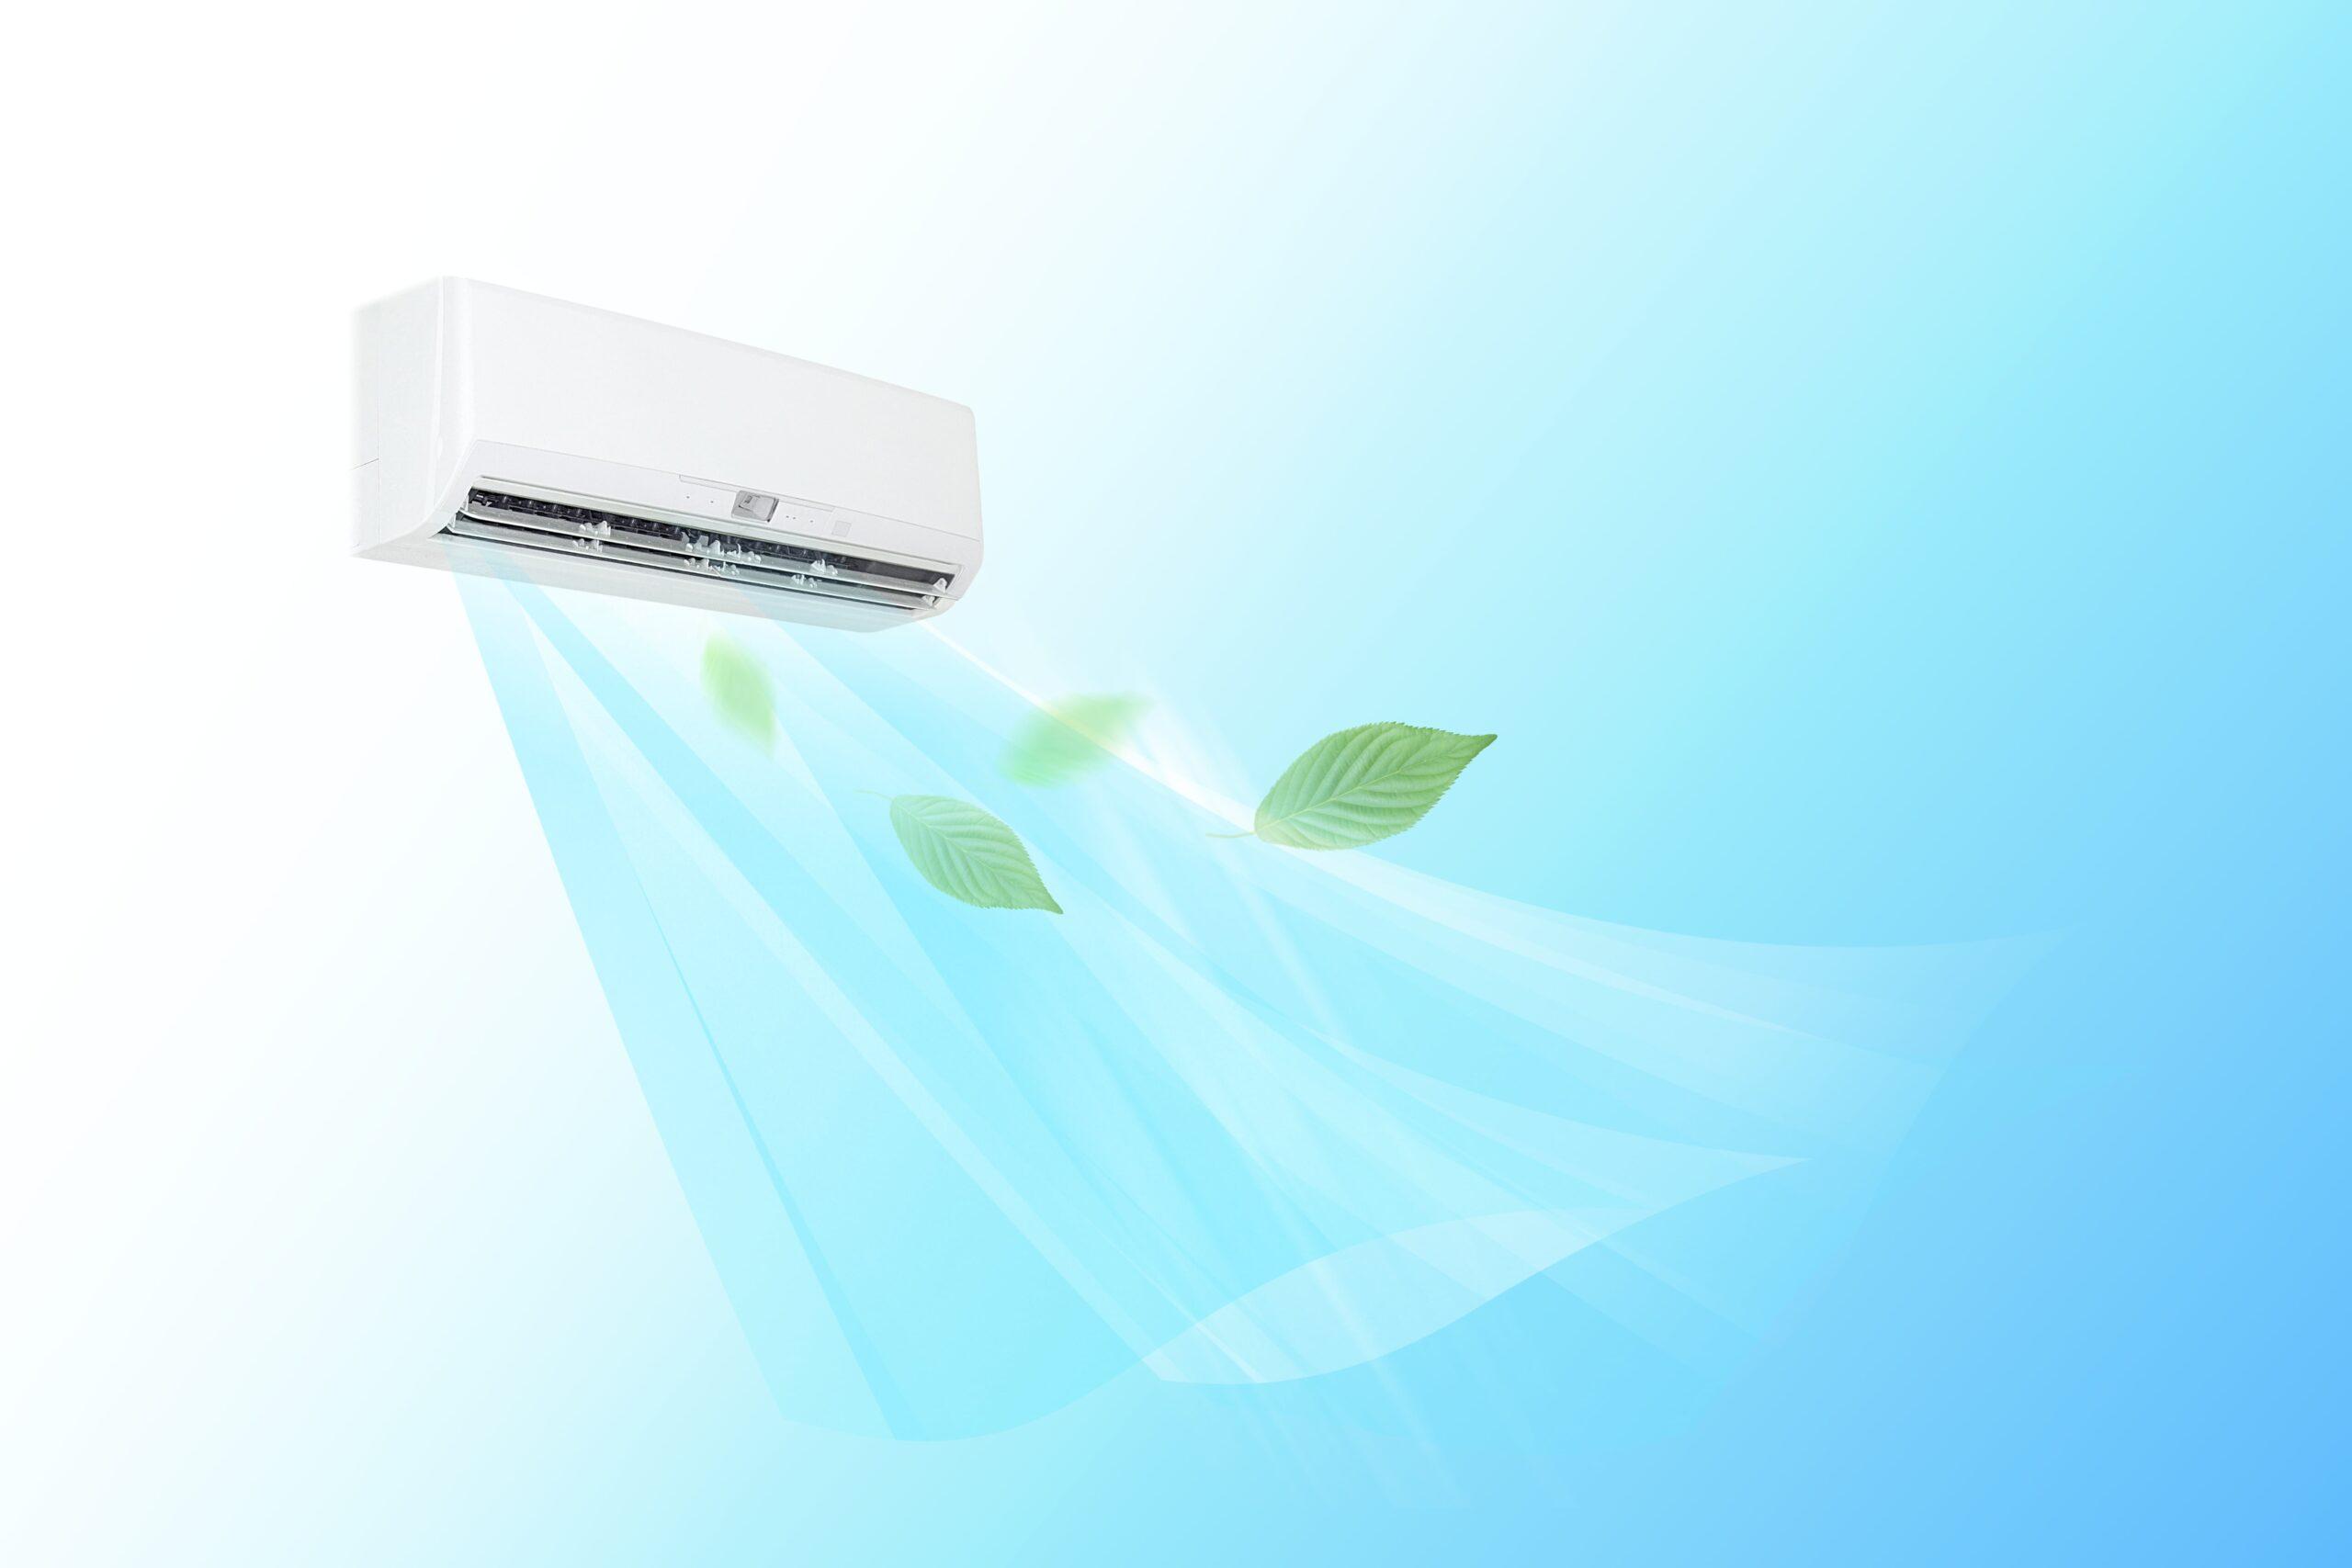 「業務用エアコンを自分で掃除する方法と簡単に掃除ができる箇所を紹介!」を公開しました。